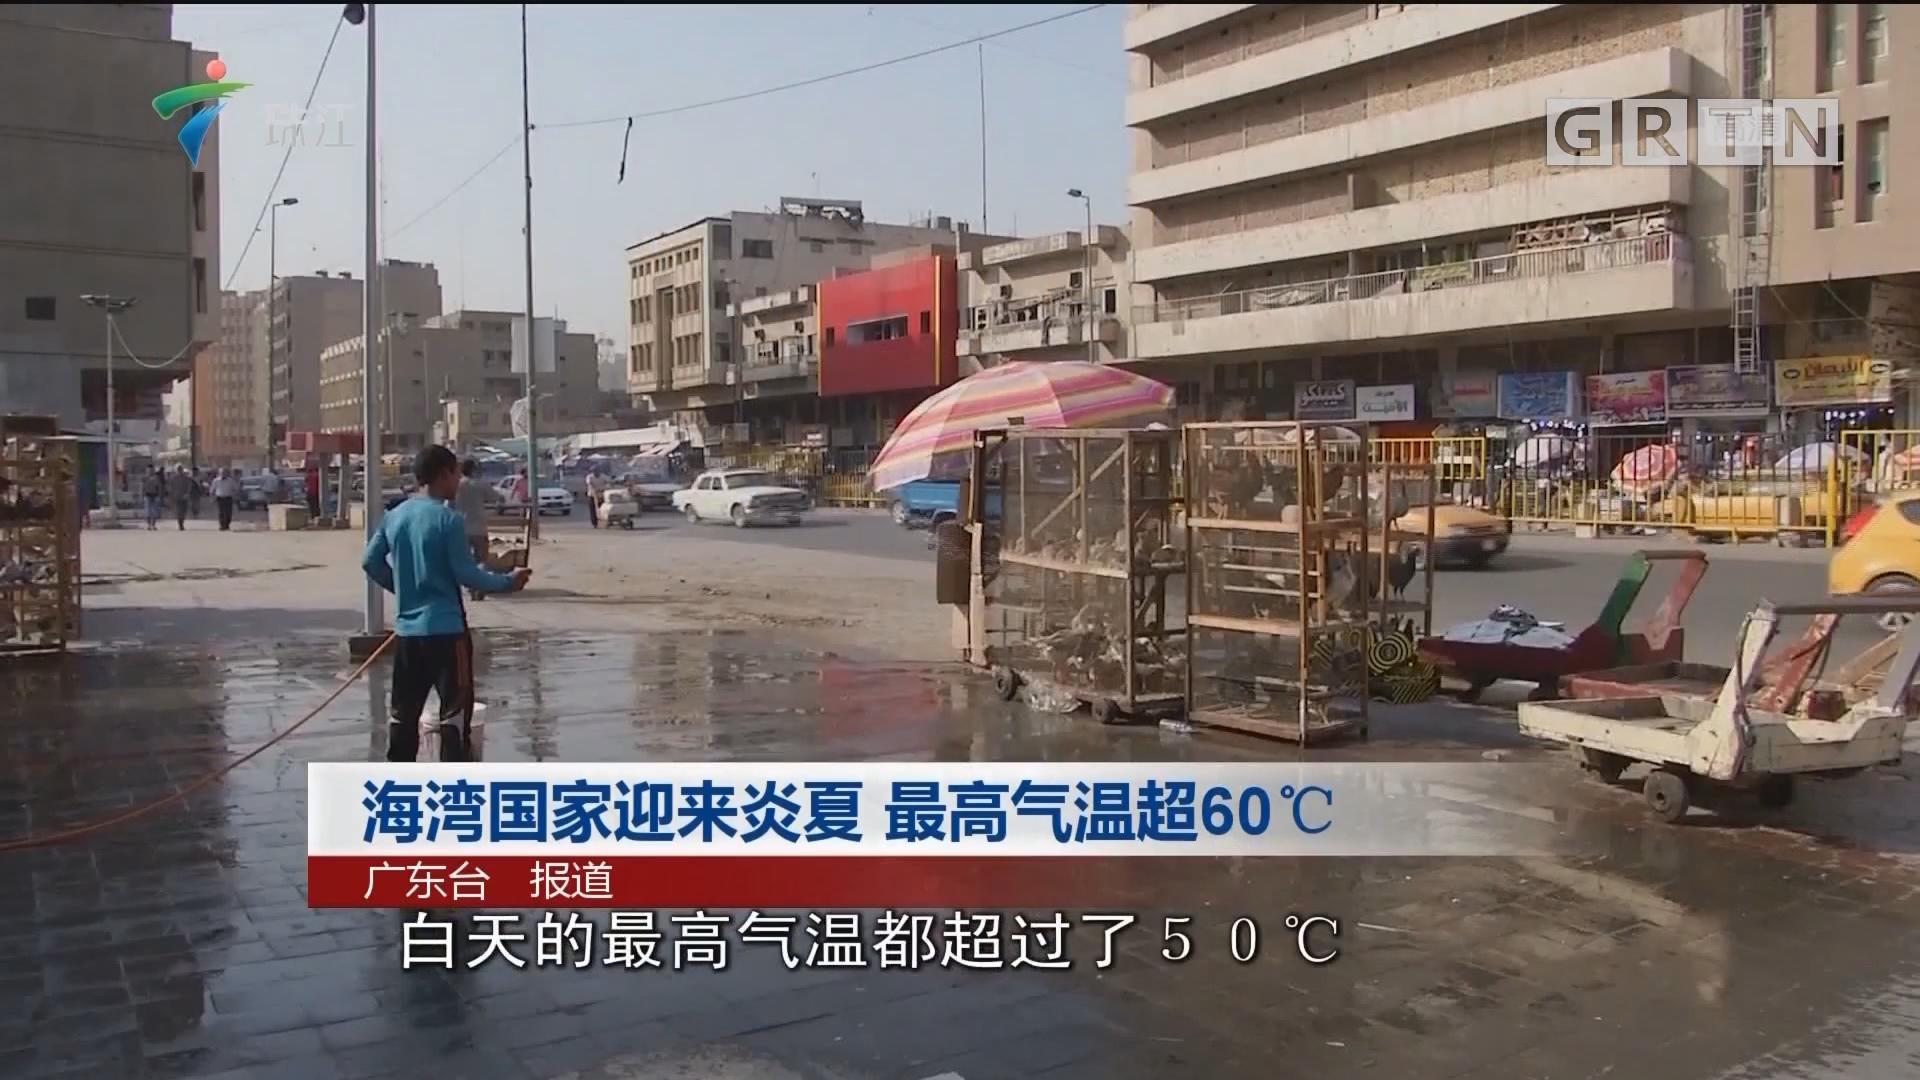 海湾国家迎来炎夏 最高气温超60℃